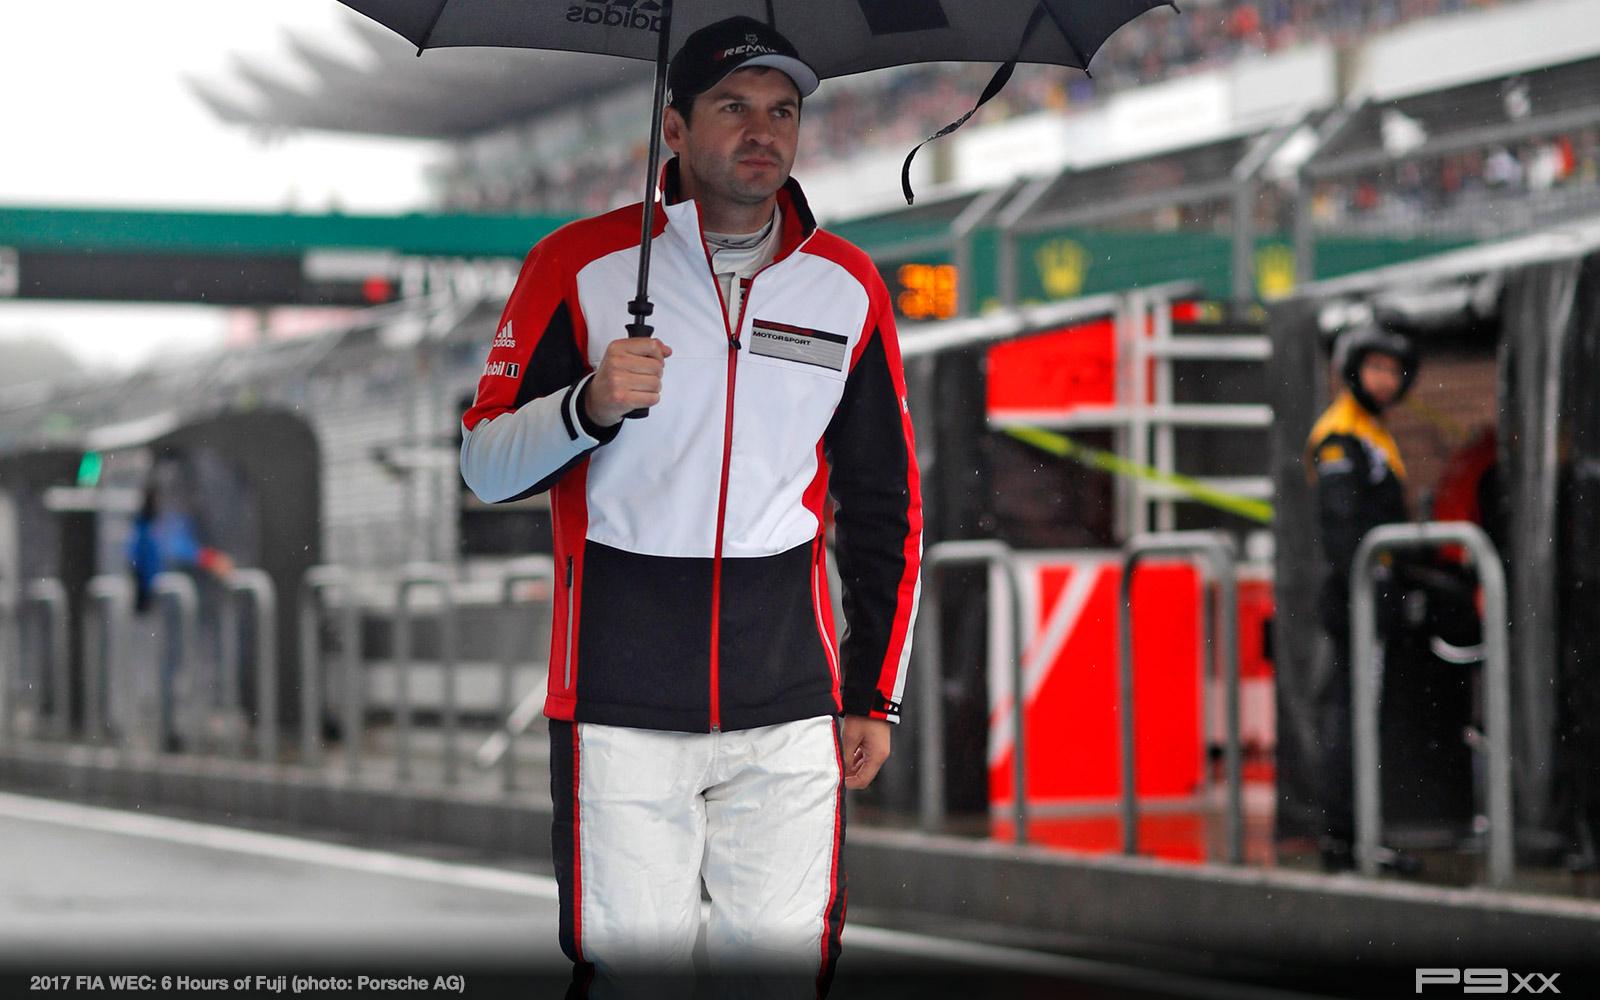 2017-FIA-WEC-6h-of-Fuji-Porsche-463